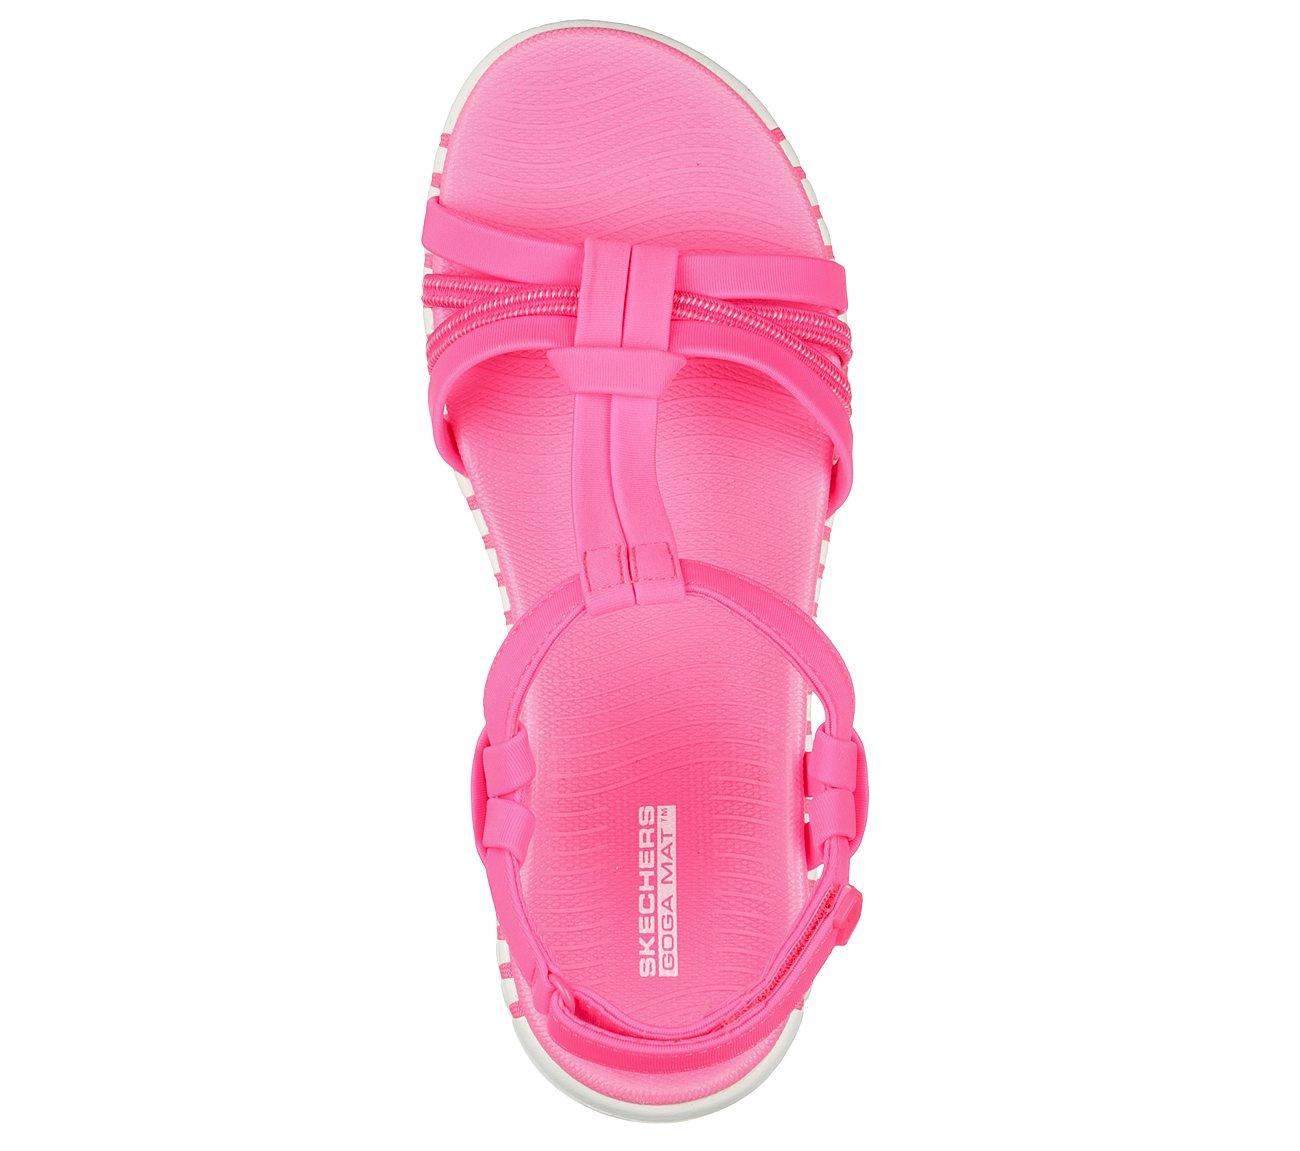 Skechers 140197 PNK - Freizeitschuh -Sandale Pink